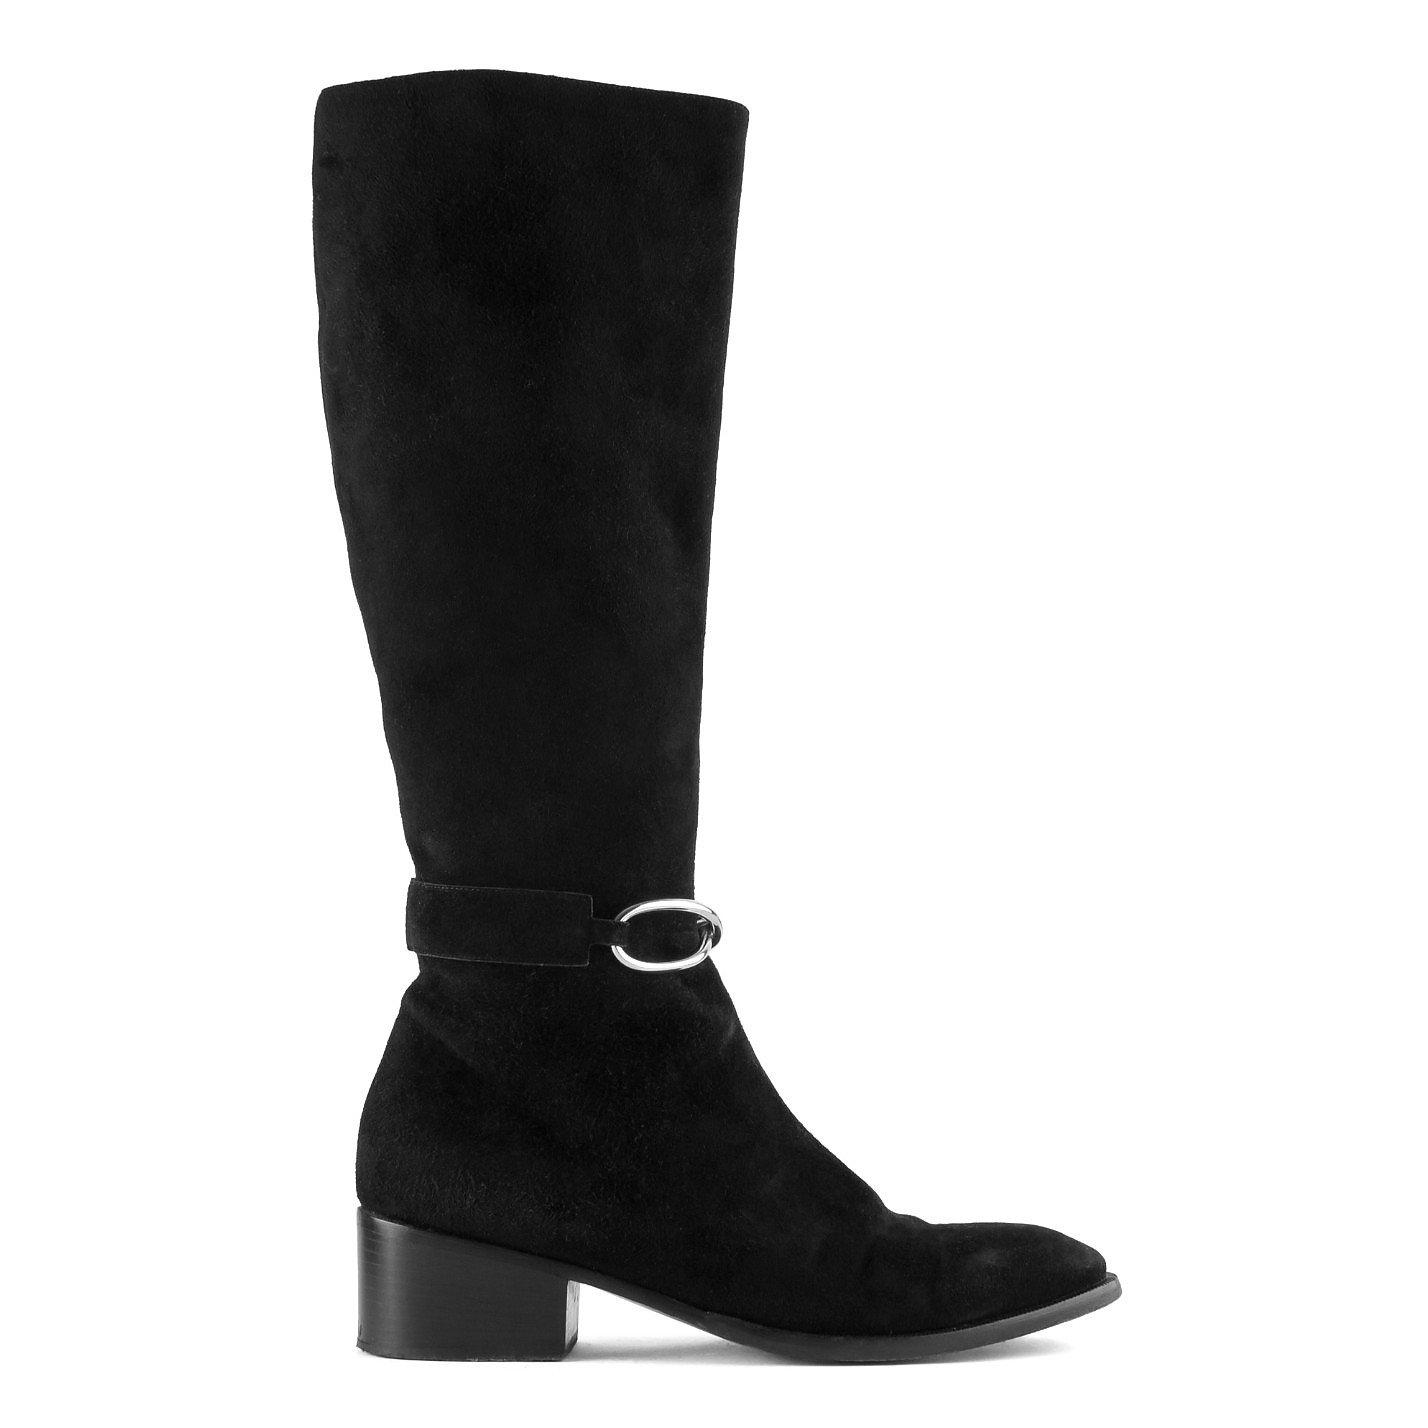 Balenciaga Suede Knee High Boots